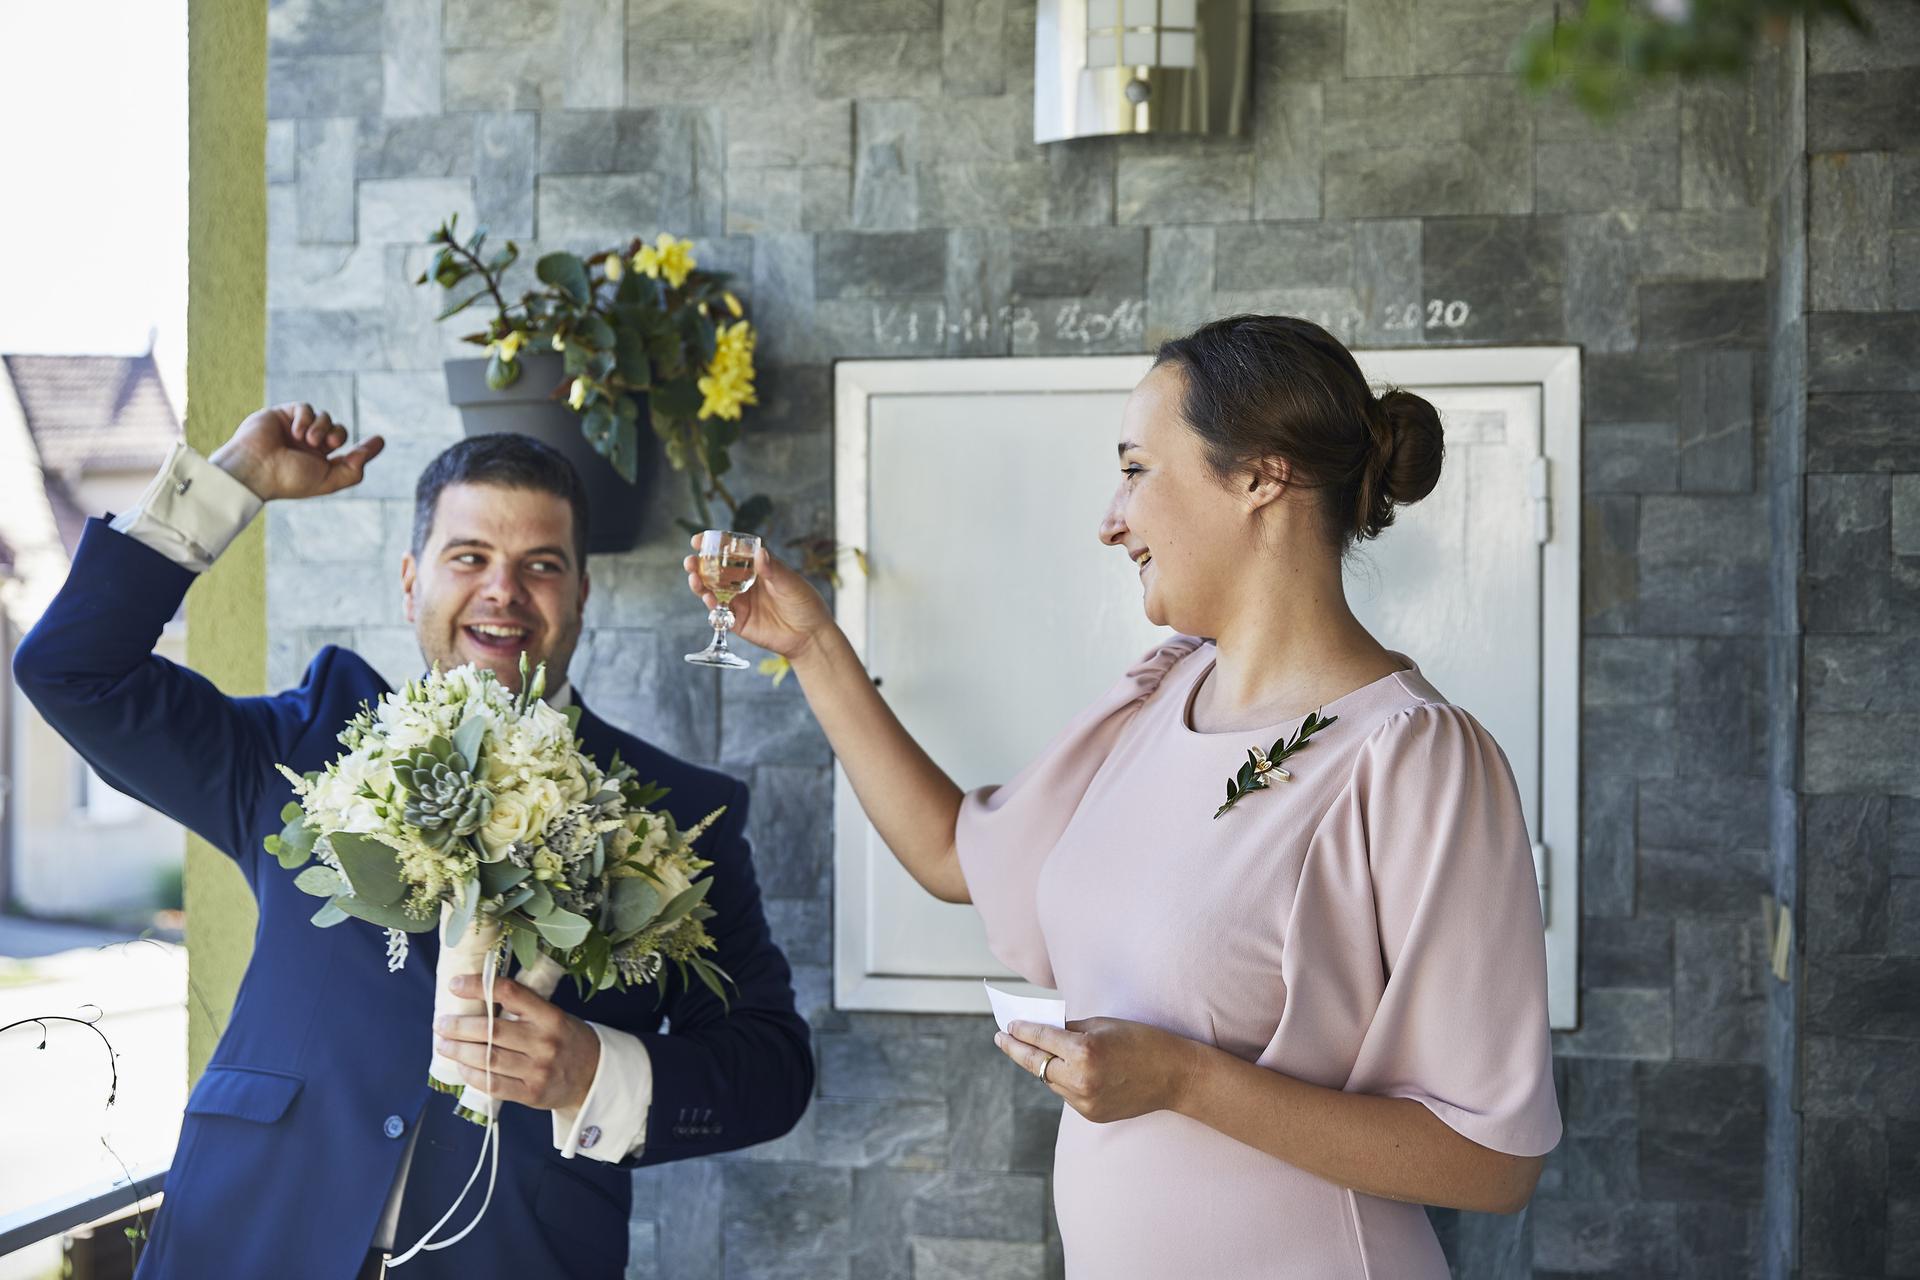 Naše slovácká svatba - Přivítání ženicha